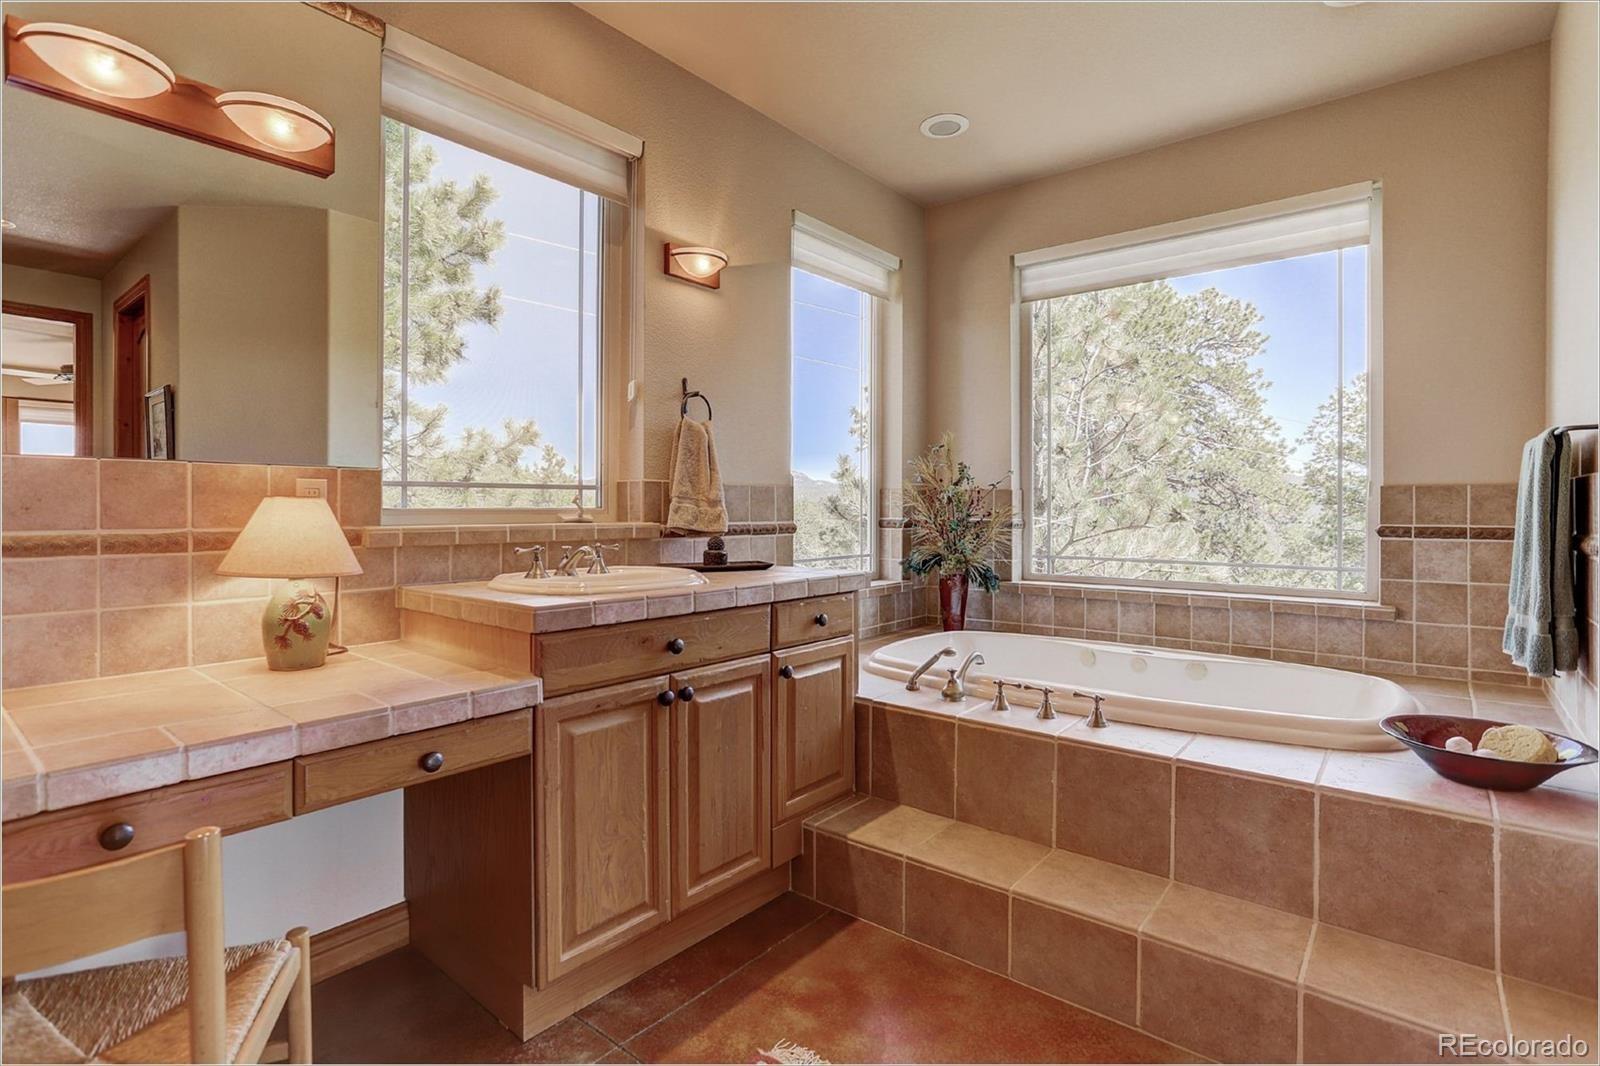 MLS# 7982246 - 24 - 13831 Douglas Ranch Drive, Pine, CO 80470